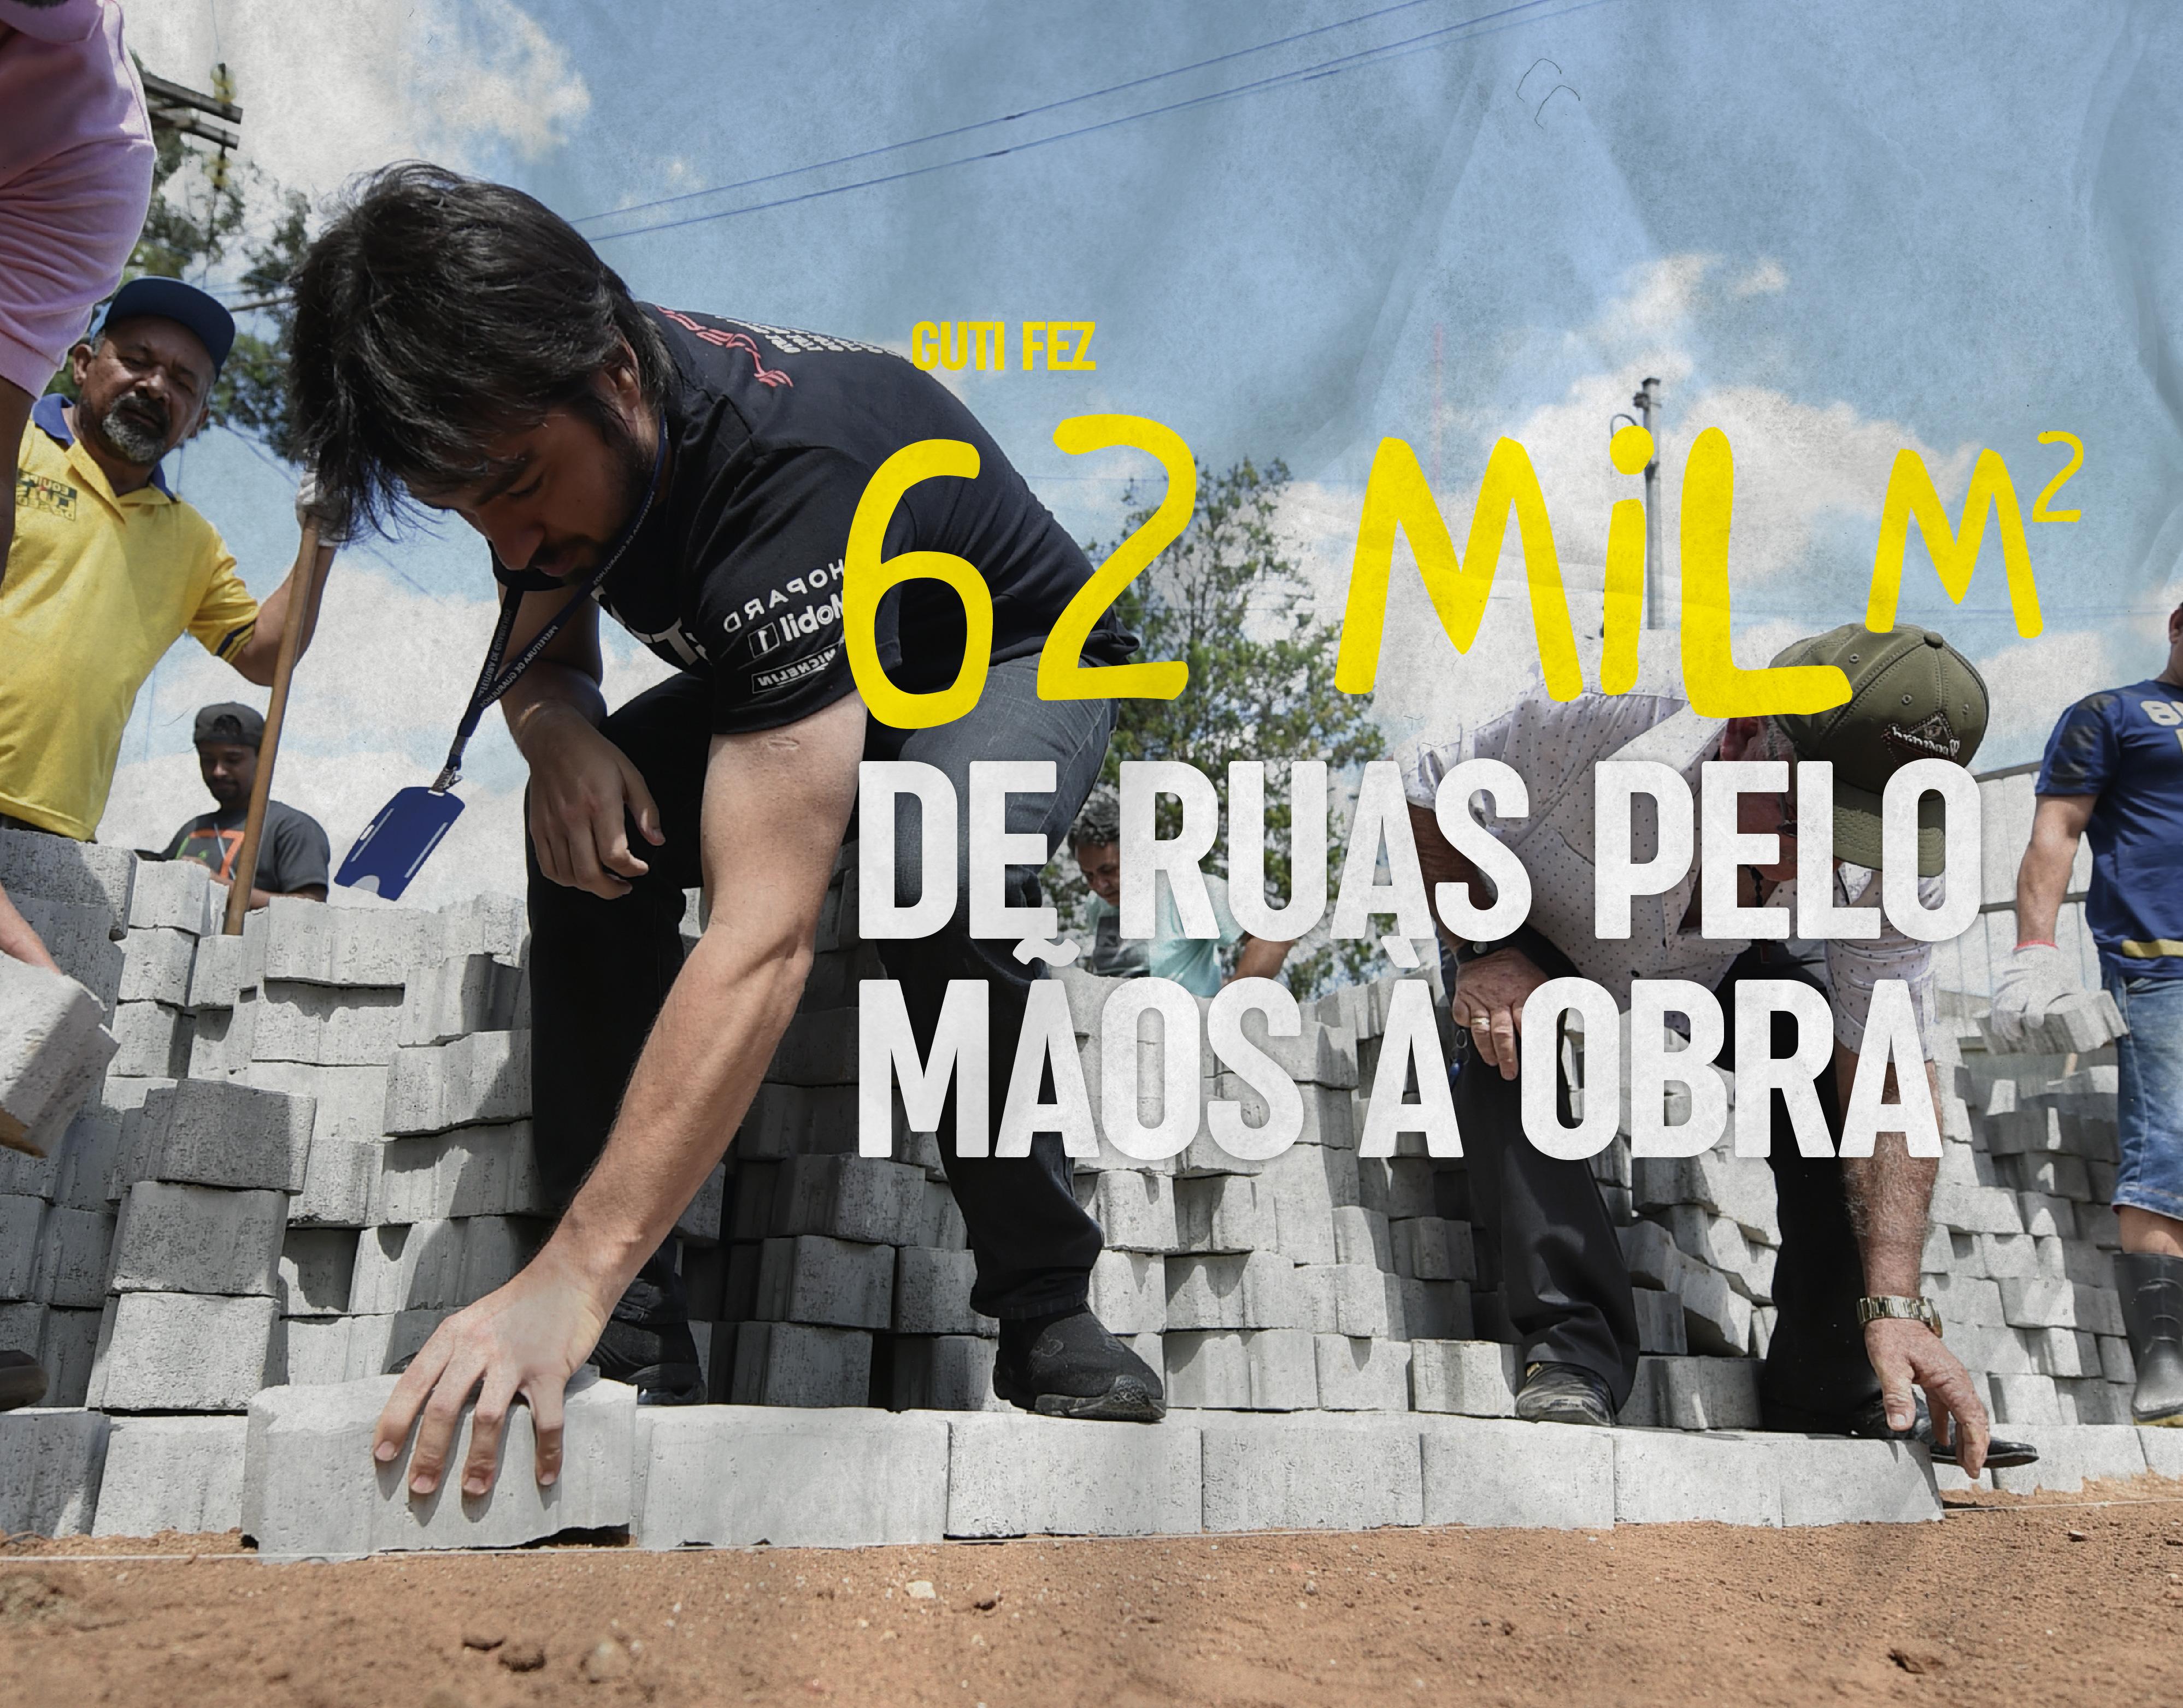 62.000 metros quadrados de ruas pelo Mãos à Obra